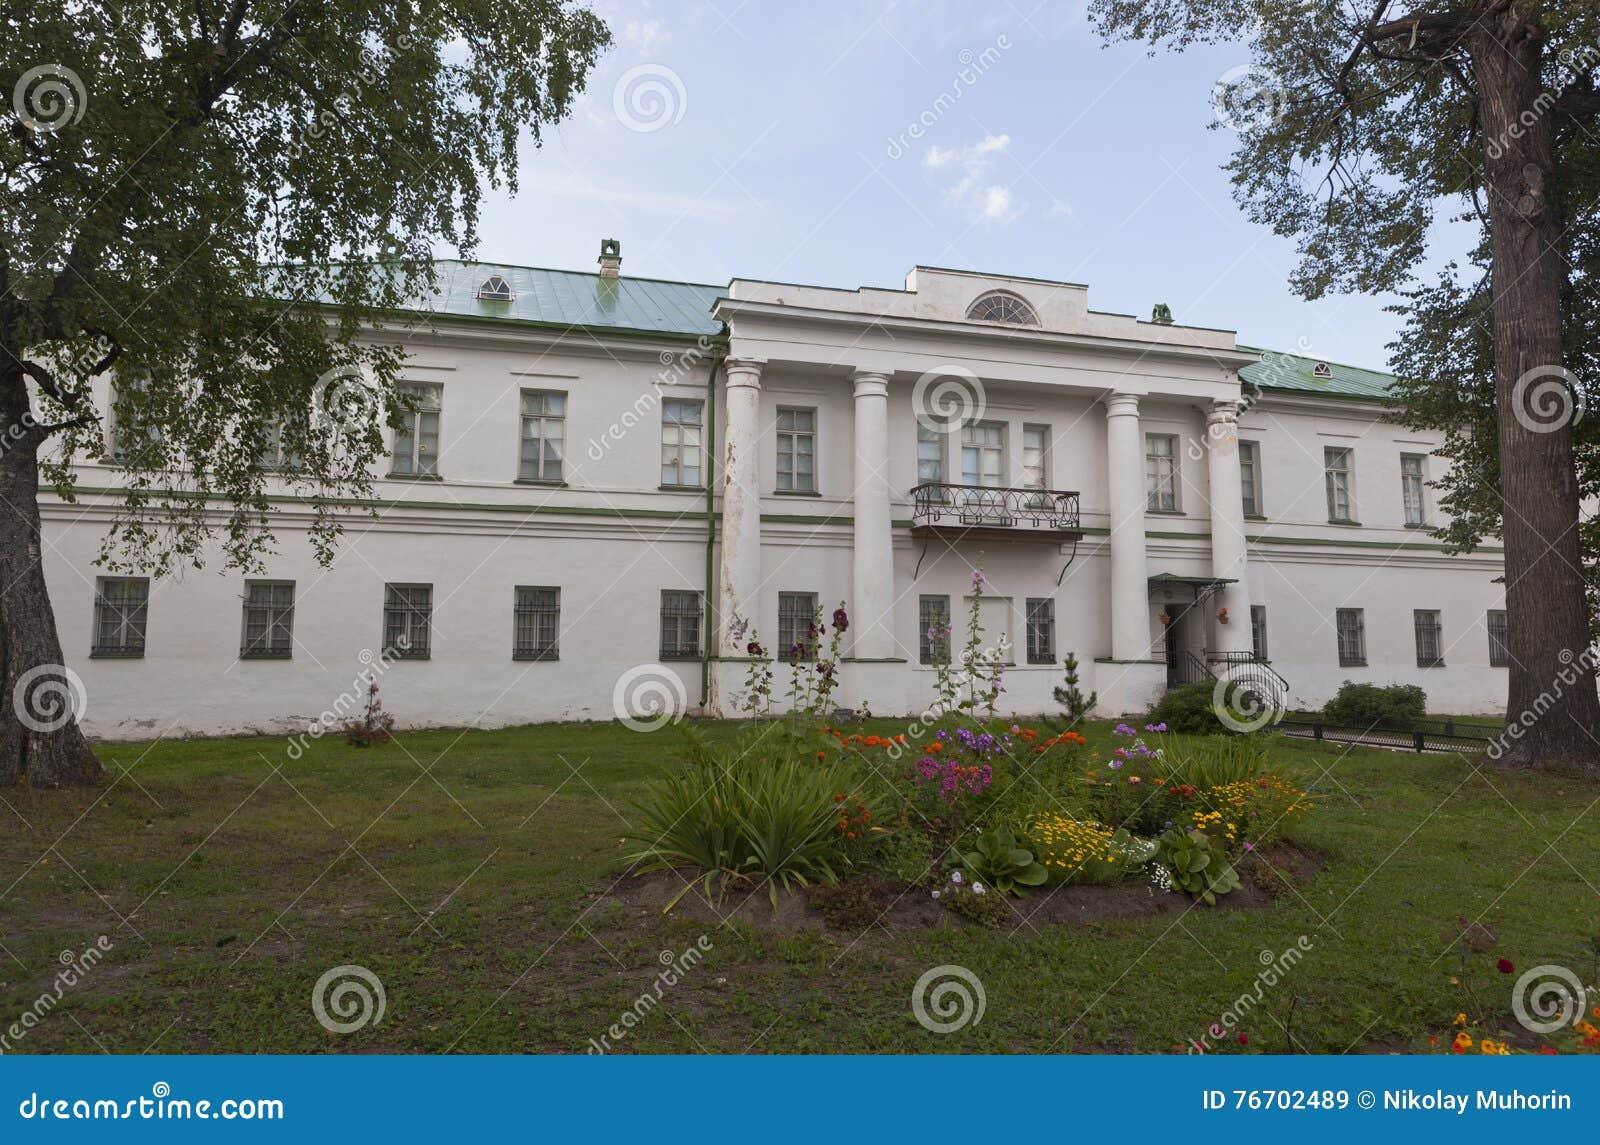 UppehållArchimandriteKirillo-Belozersky kloster, Vologda region, Ryssland